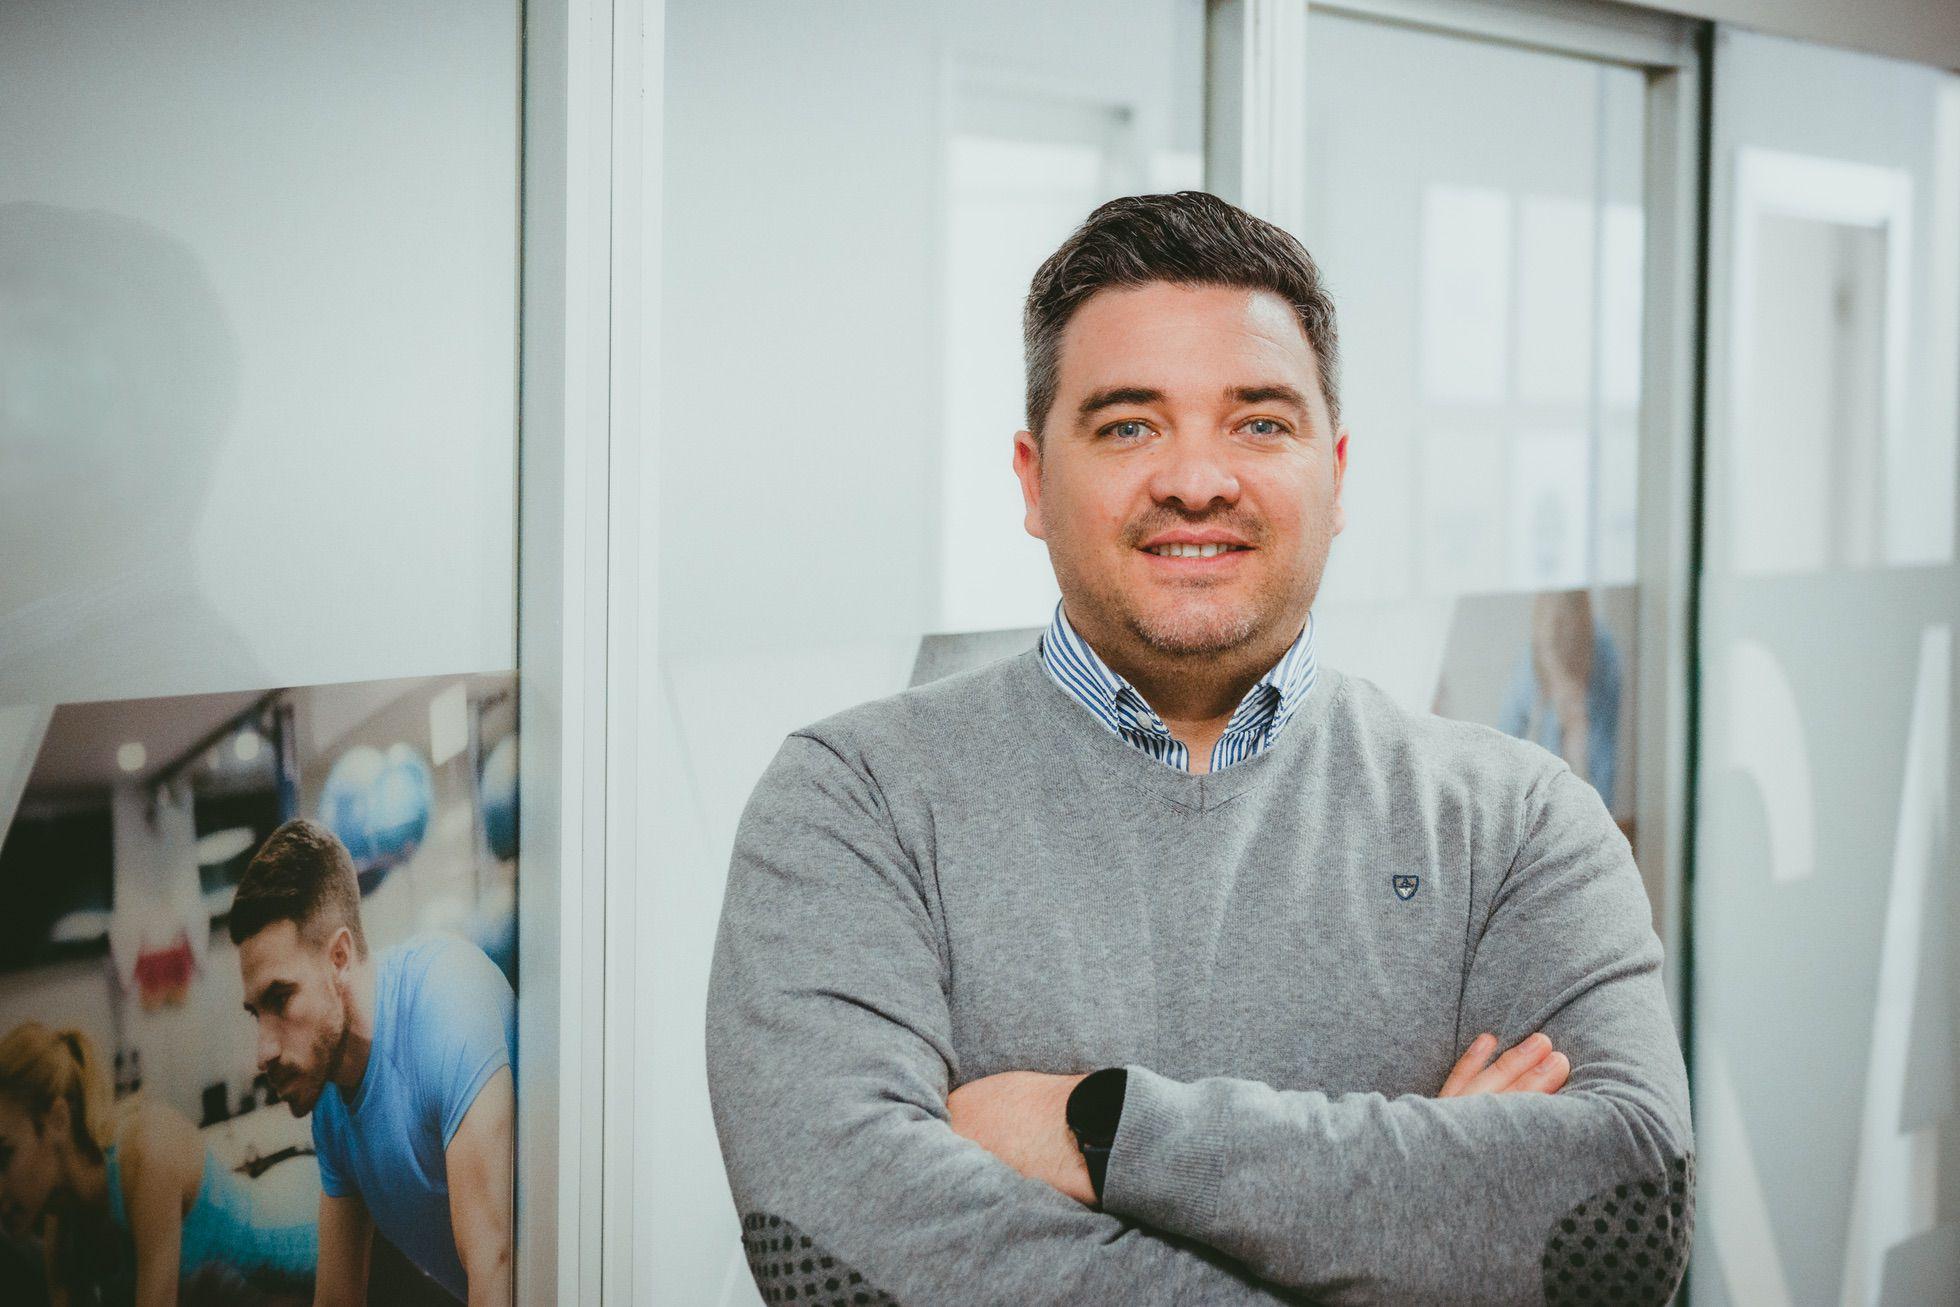 Rowess Fitness Solutions duplica ventas y alcanza los 1,5 millones de euros en 2019